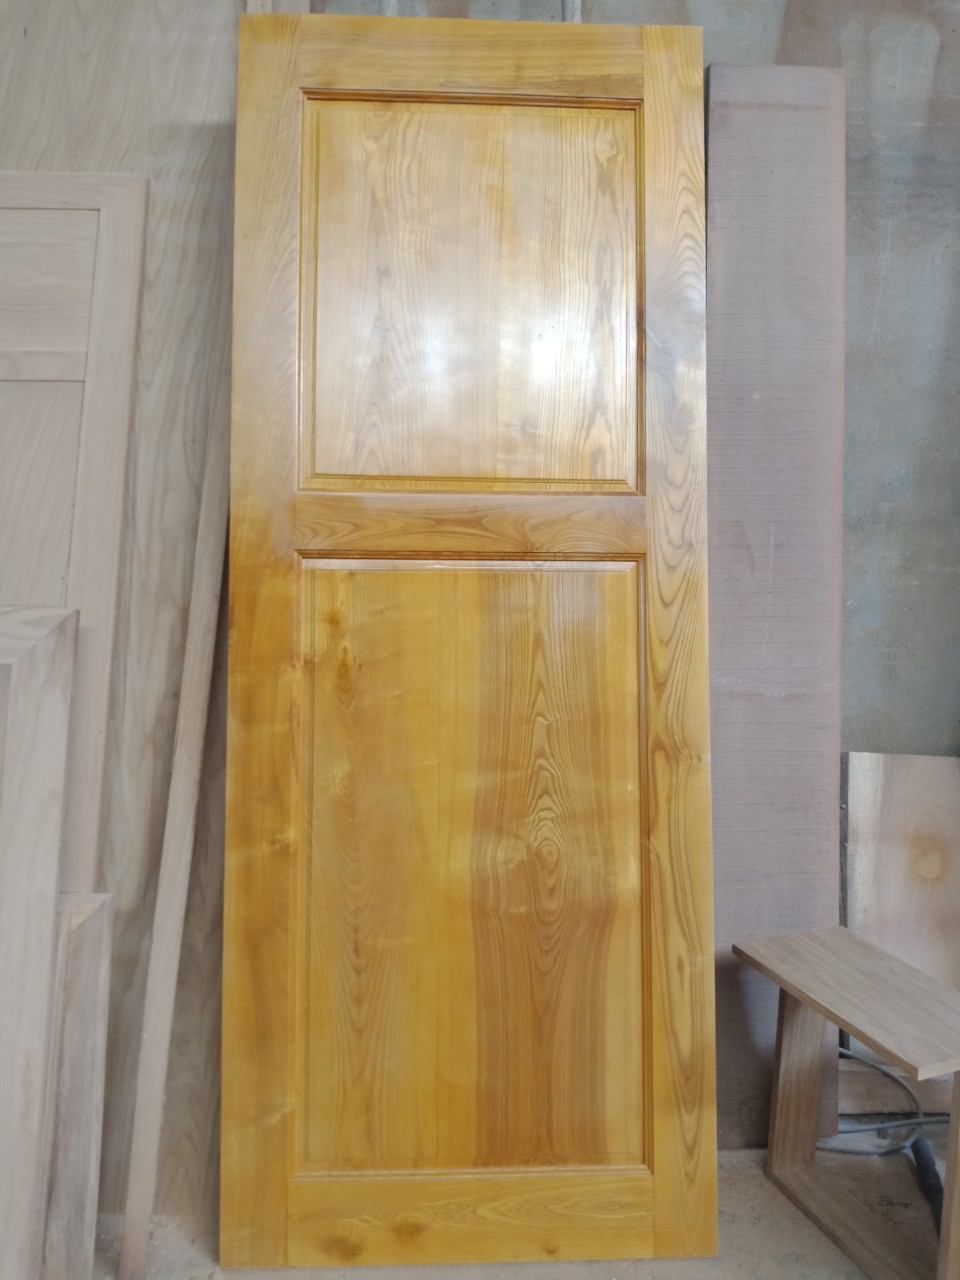 Cửa phòng tắm và phòng ngủ làm bằng gỗ tự nhiên